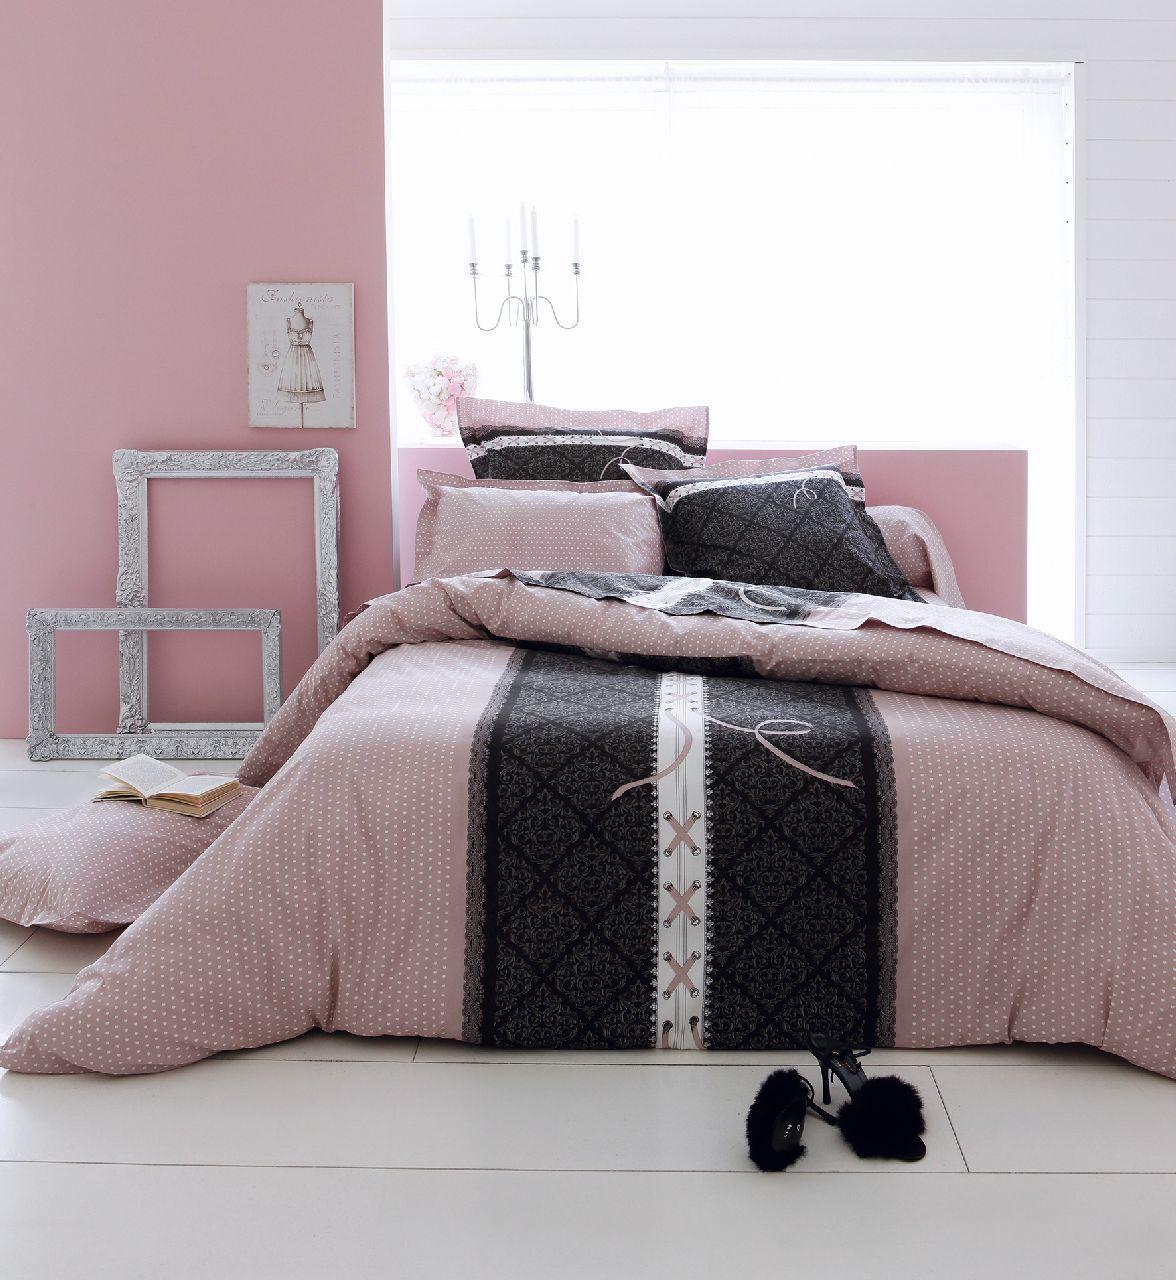 parure de lit coton glamour 260x240 2 taies tradilinge. Black Bedroom Furniture Sets. Home Design Ideas